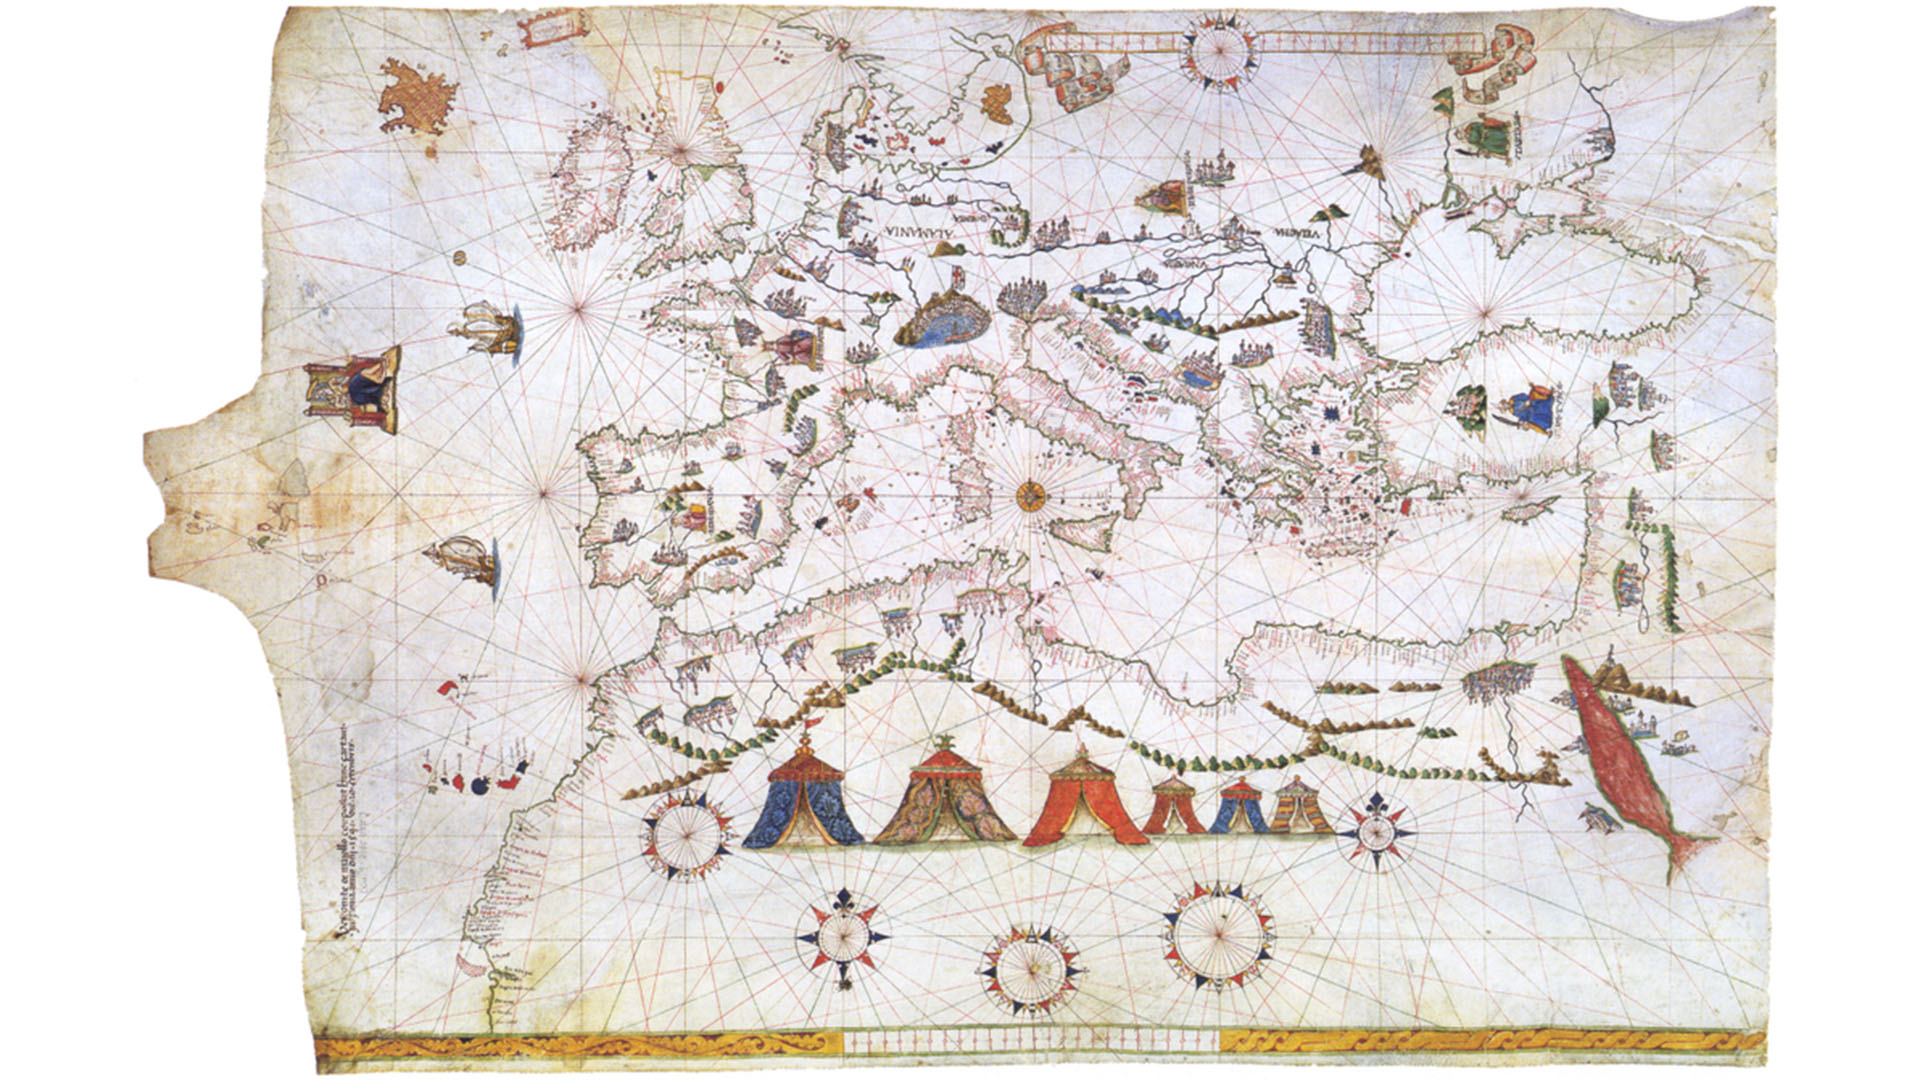 Portolankarte des Vesconte Maggiolo aus dem Jahre 1541. Die 7 kanarischen Hauptinseln exakt eingezeichnet.